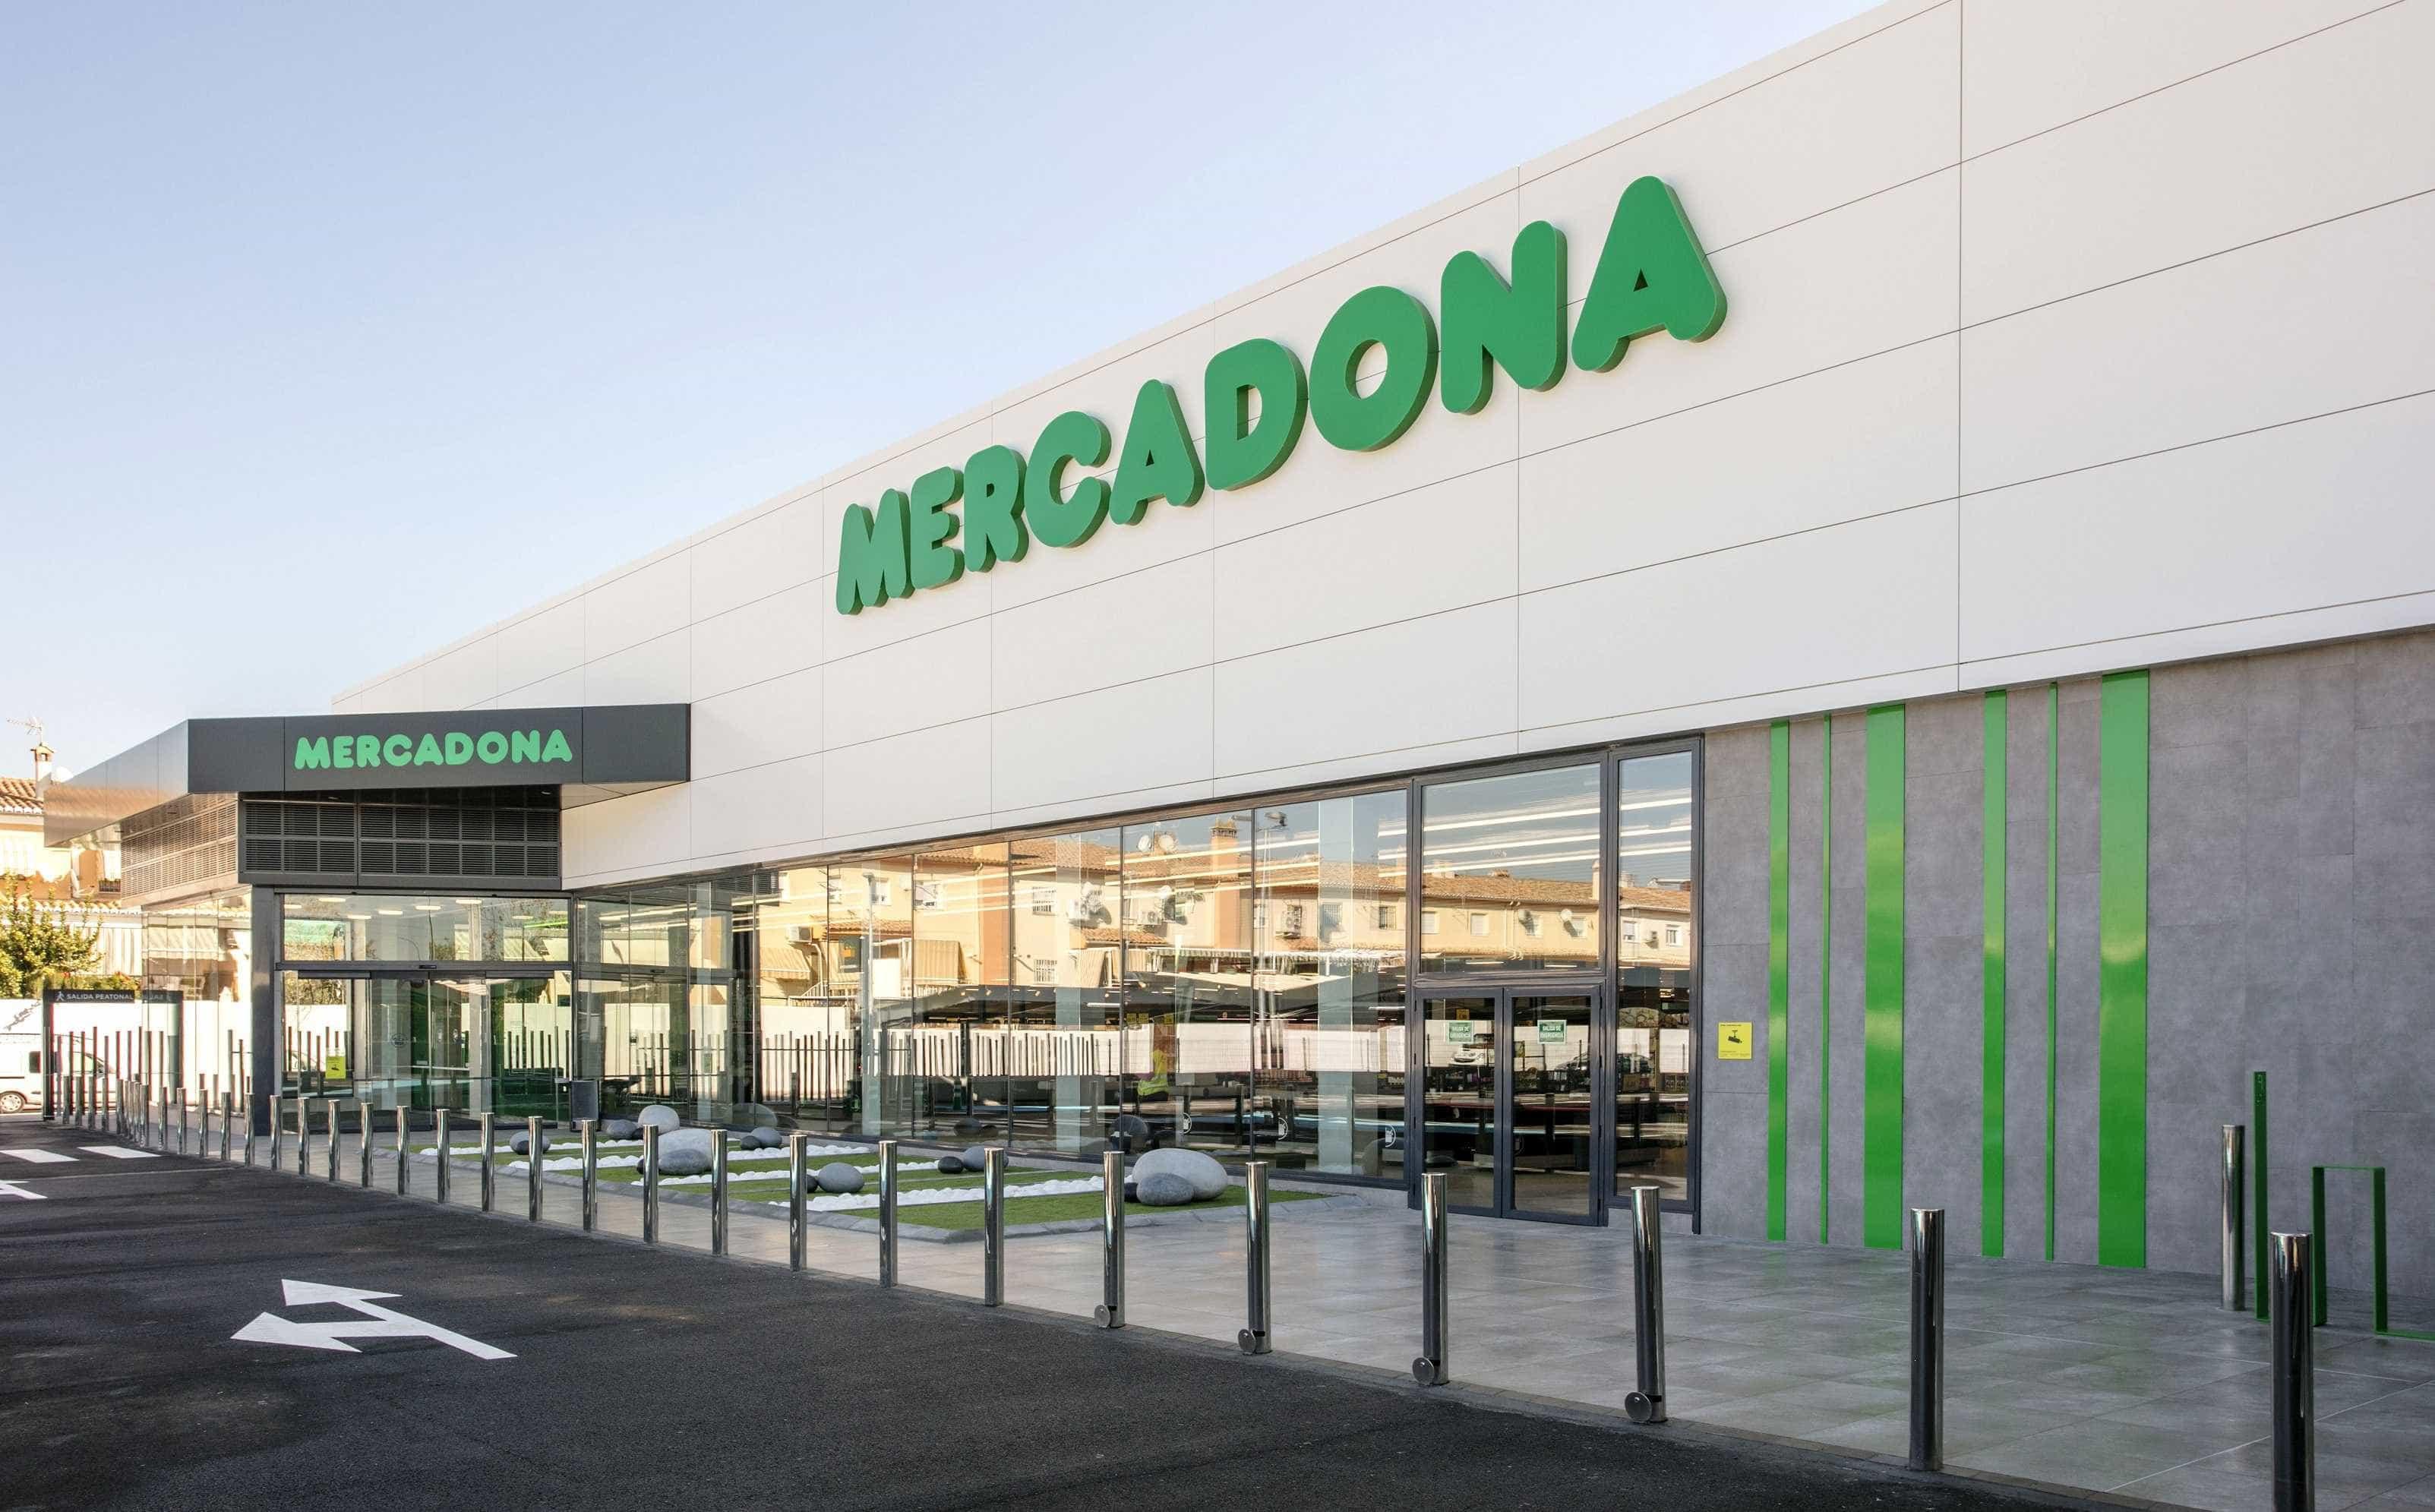 Mercadona pagou 63 milhões a fornecedores portugueses em 2017